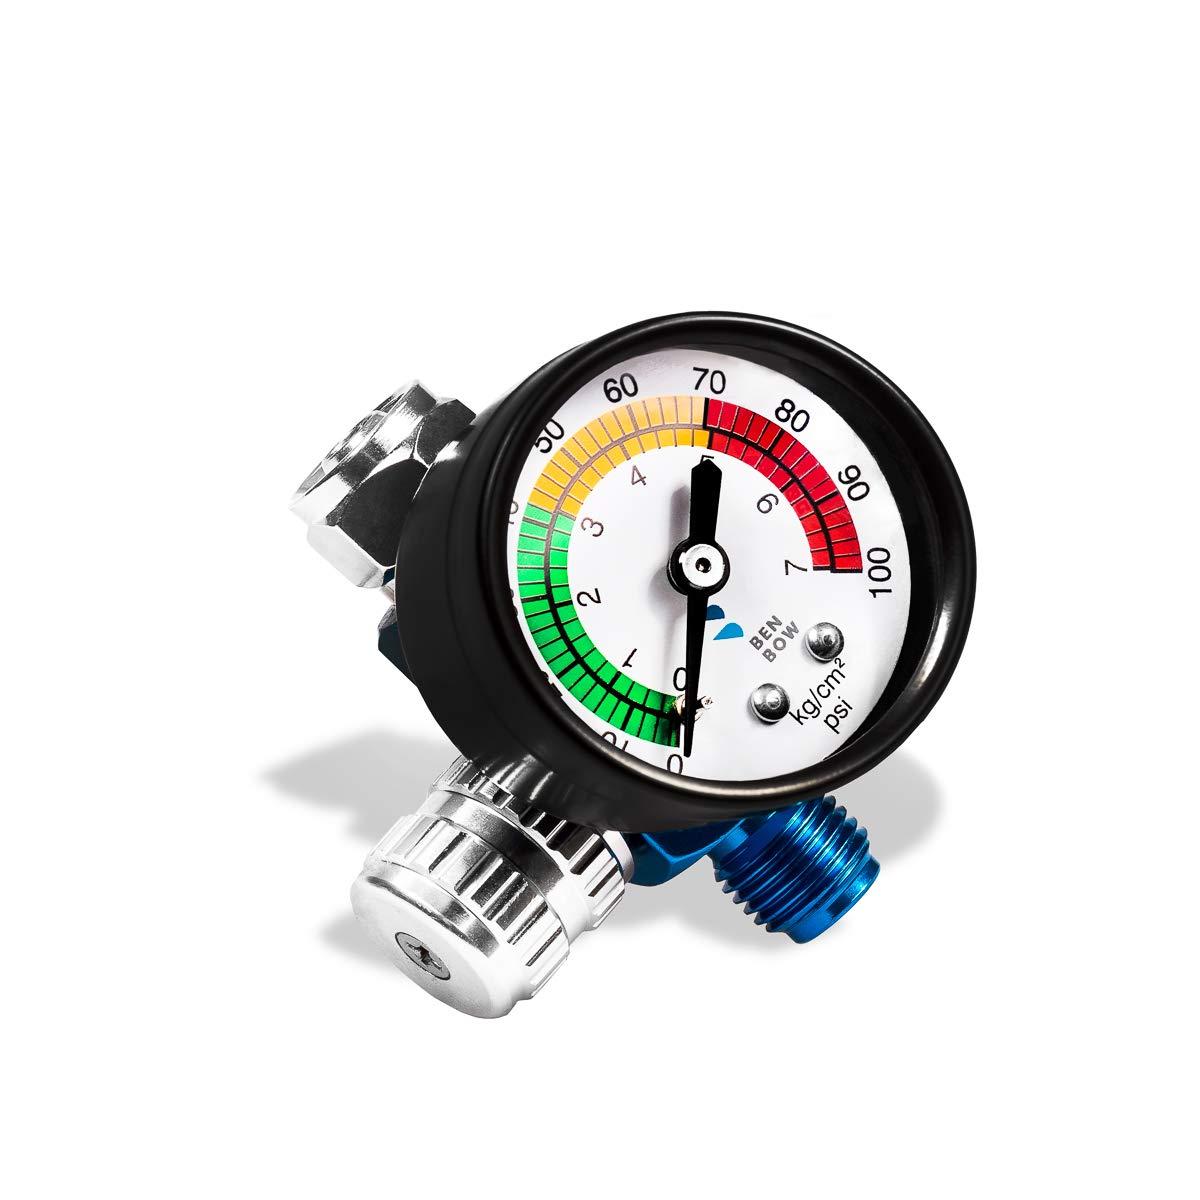 Regulador de presi/ón con man/ómetro para Pistola de Pintura BenBow 600